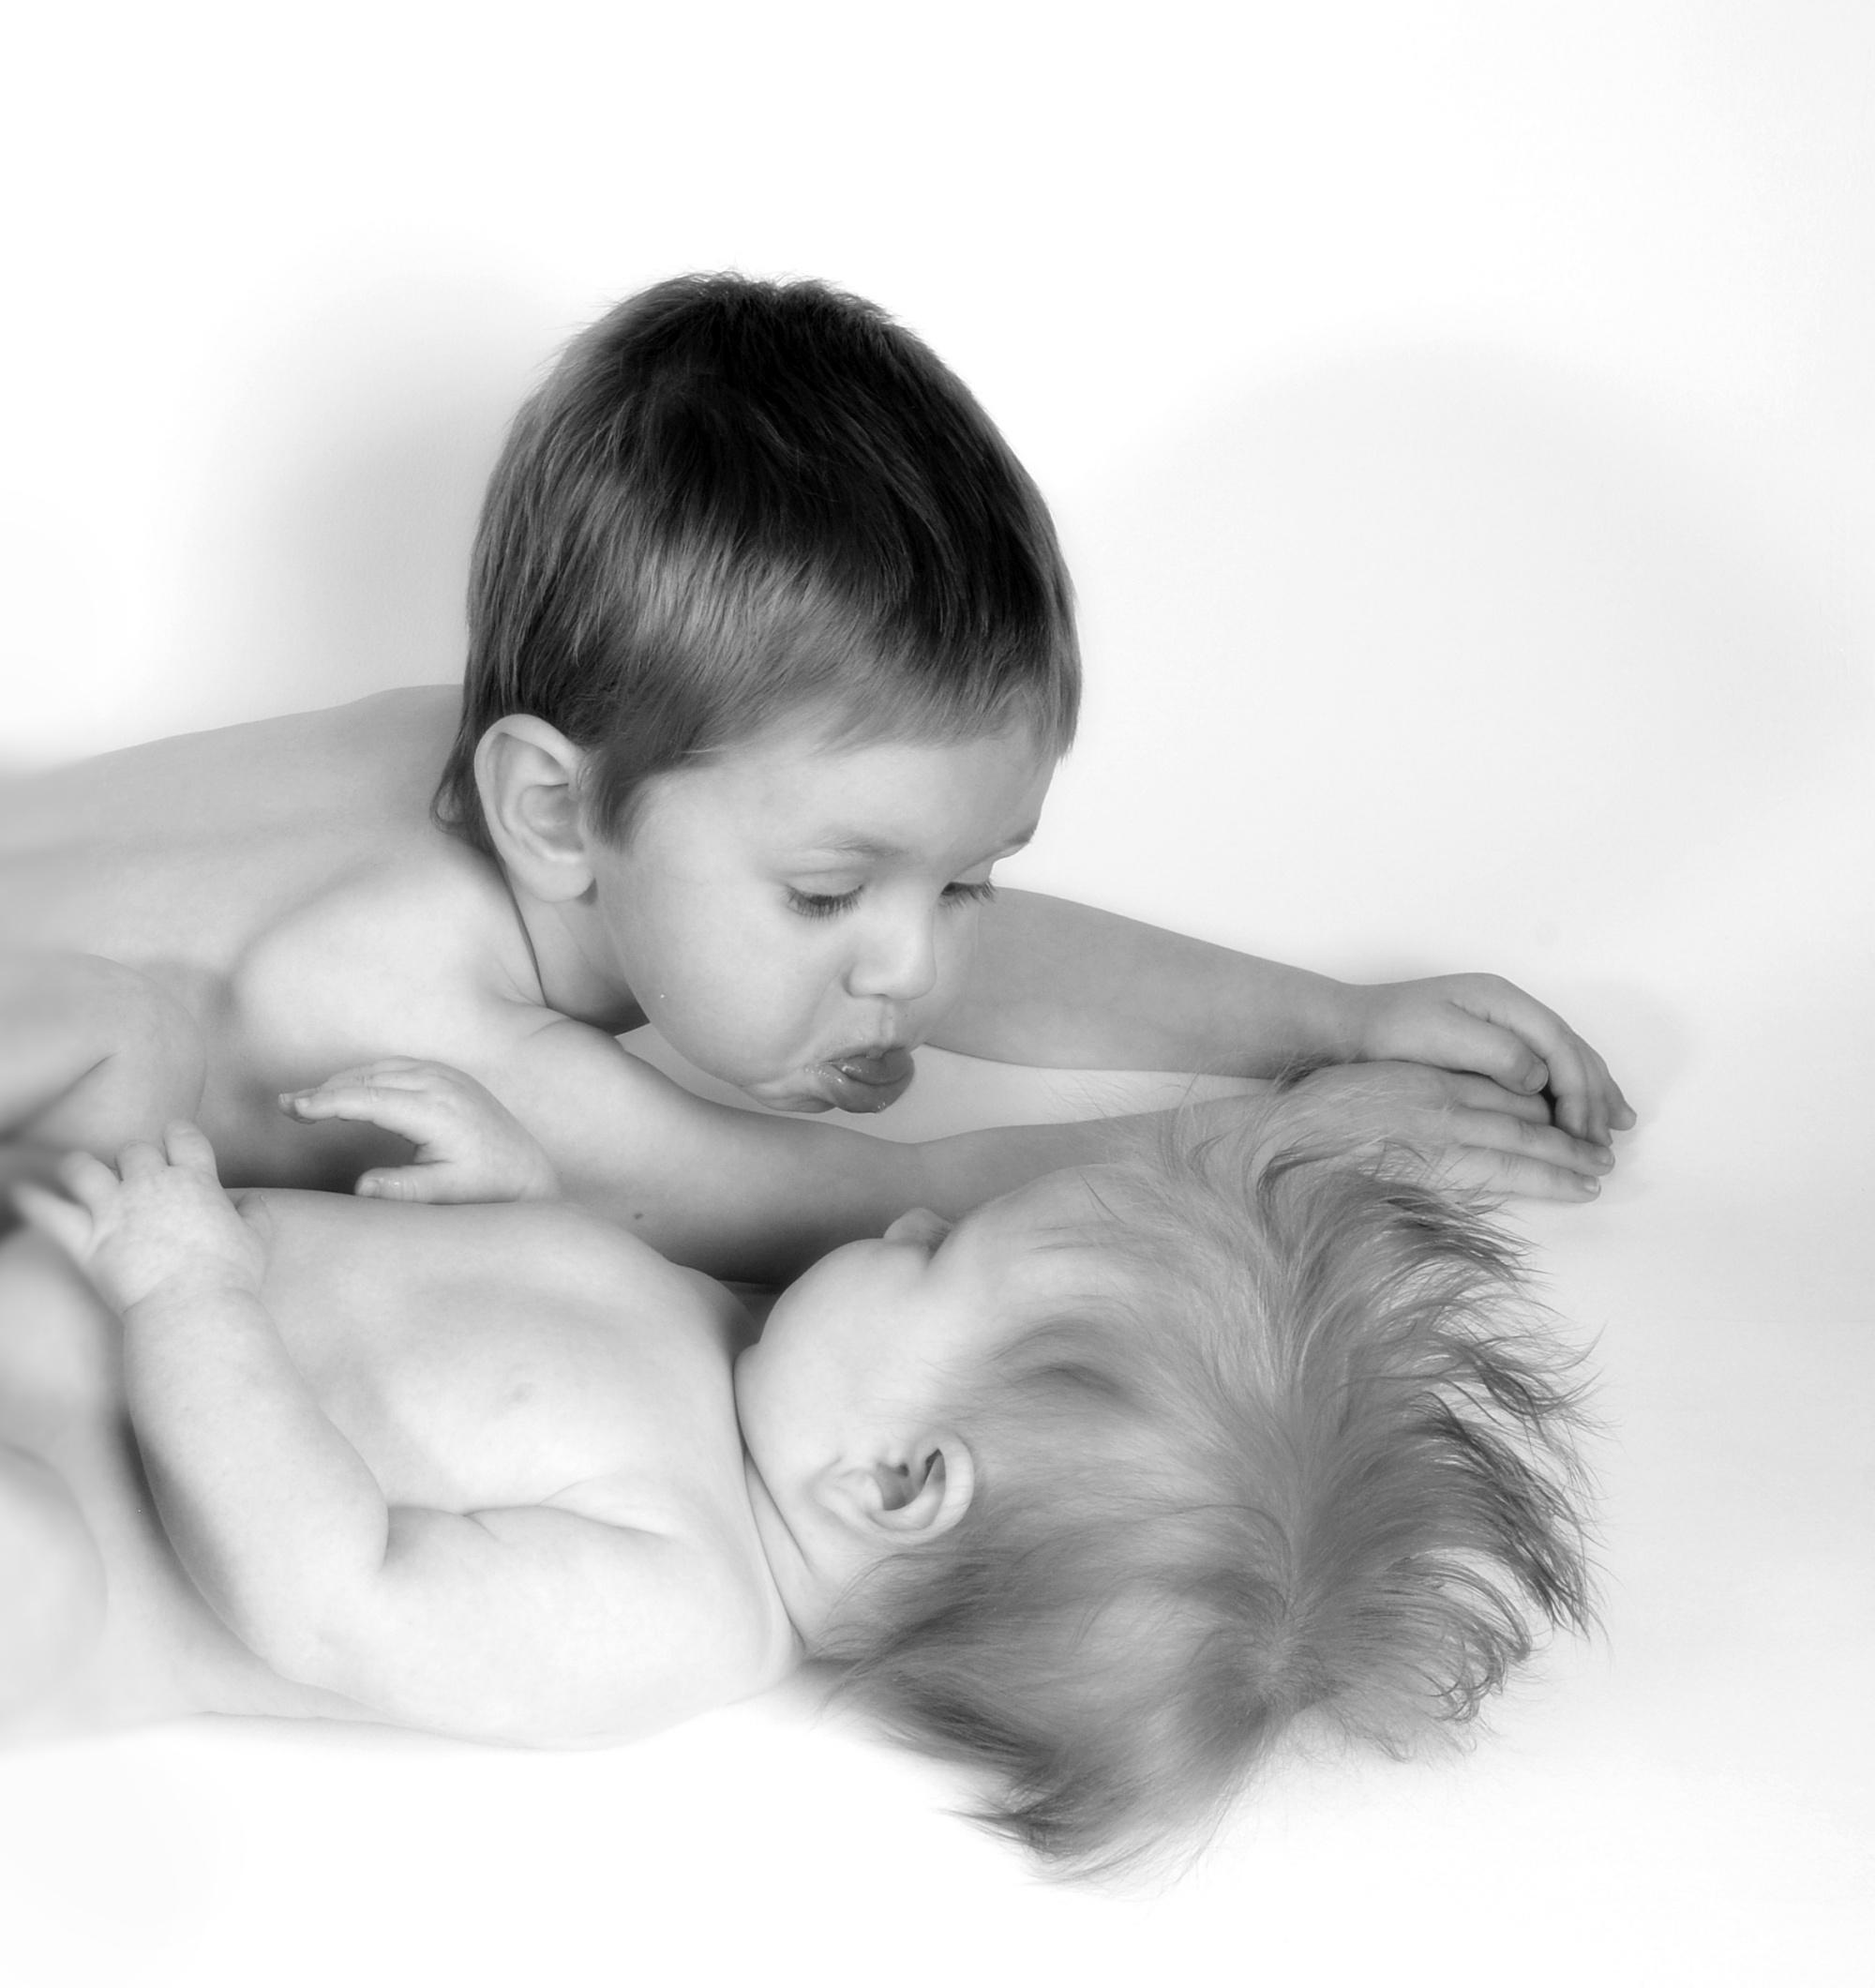 Barnfotografier